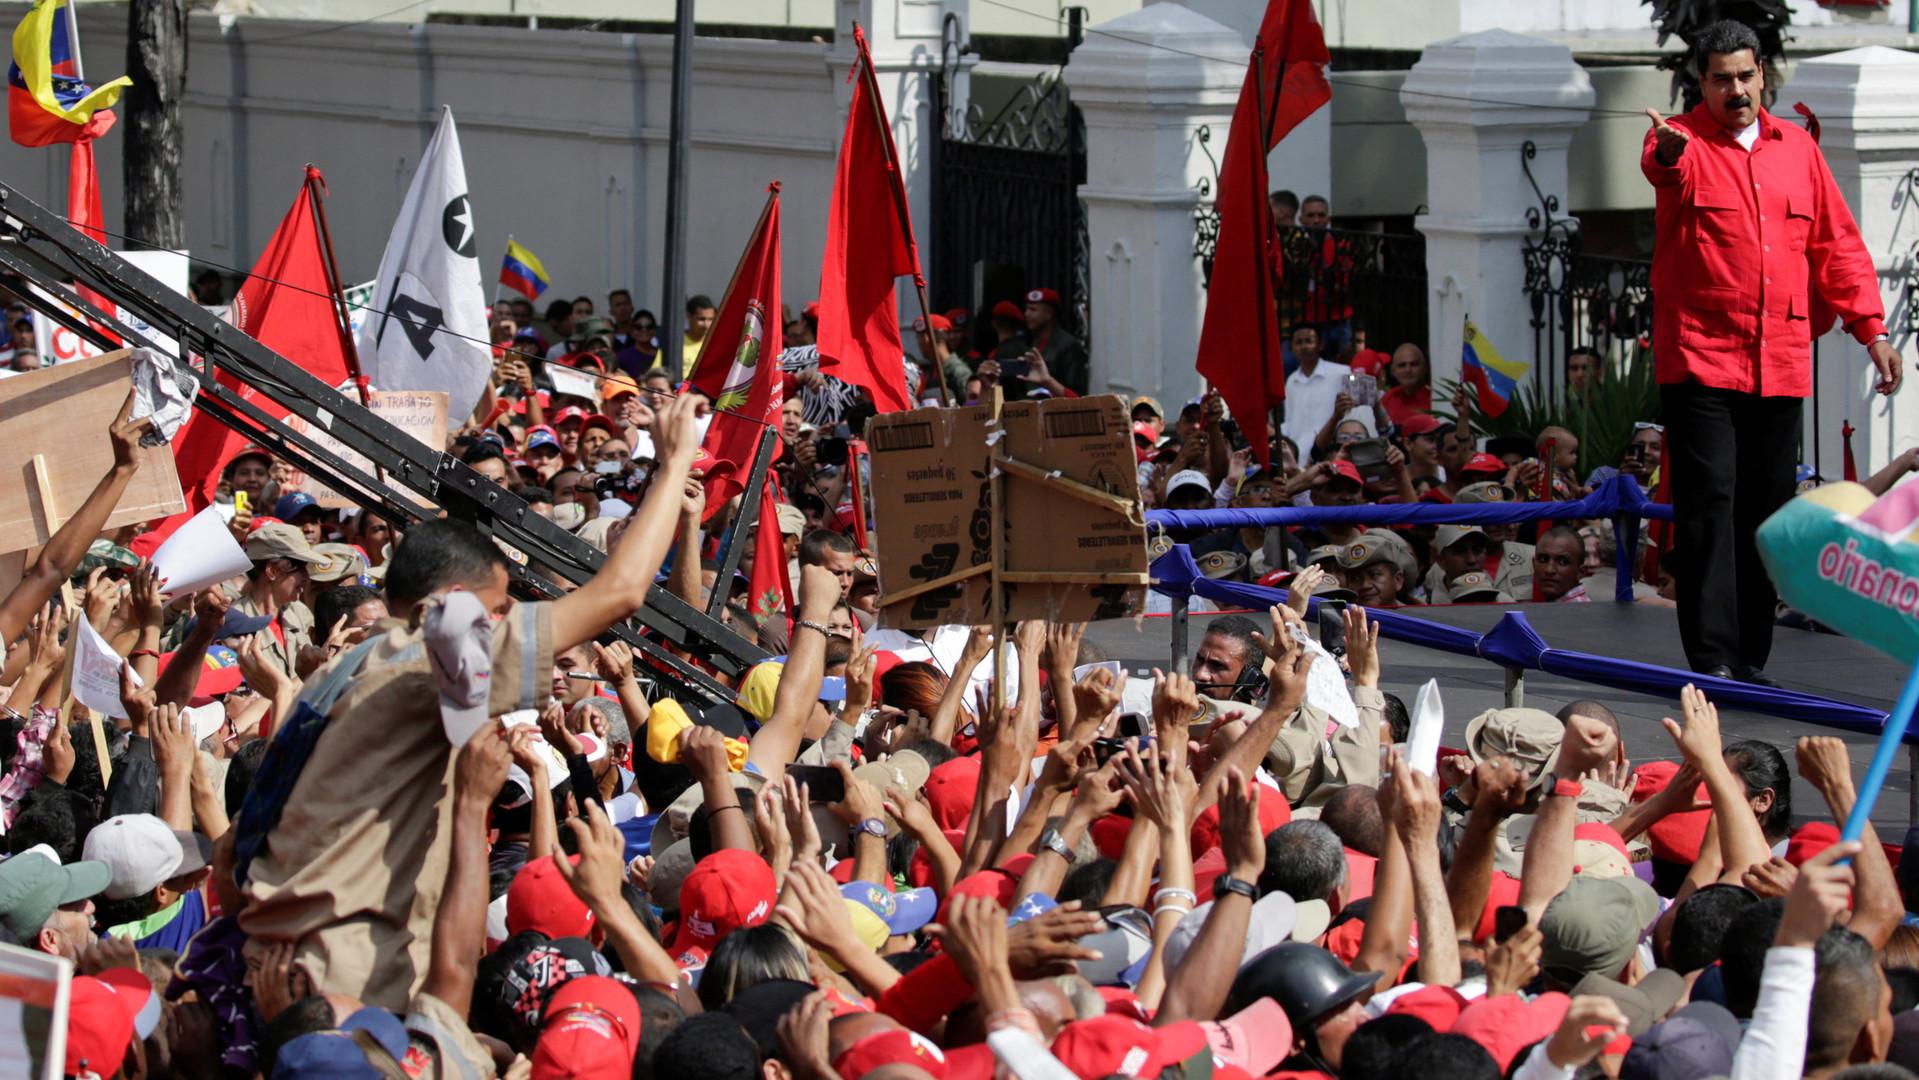 Импичмент, которого нет: почему президенту Венесуэлы нельзя законно выразить недоверие